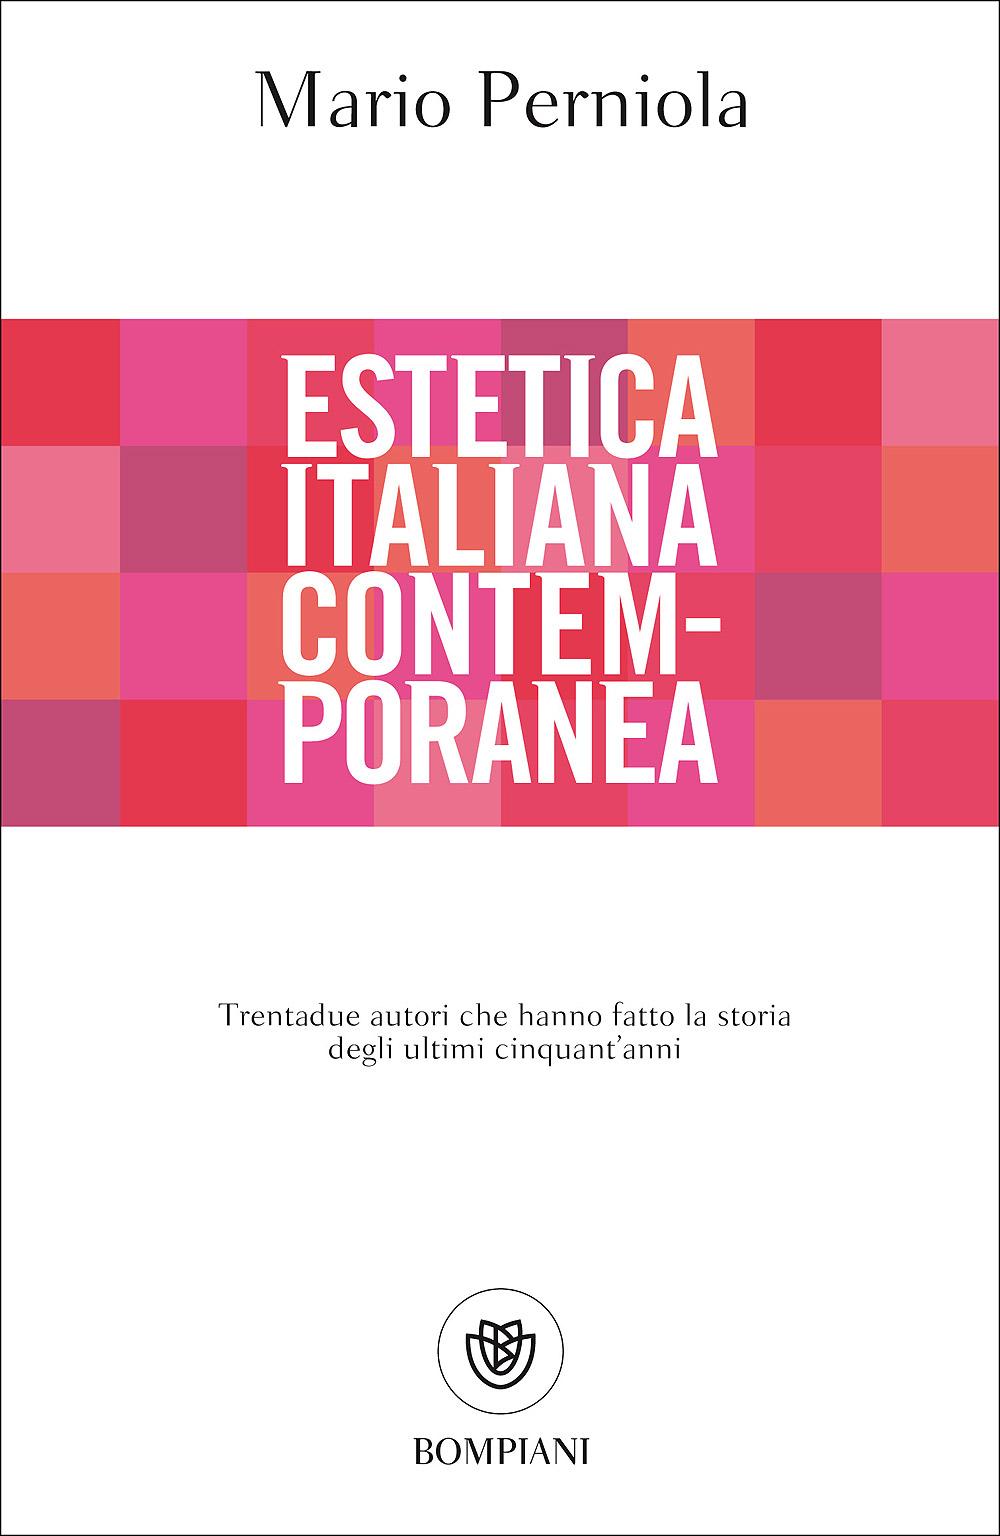 Copertina del volume di Mario Perniola Estetica Italiana Contemporanea (Bompiani 2017)